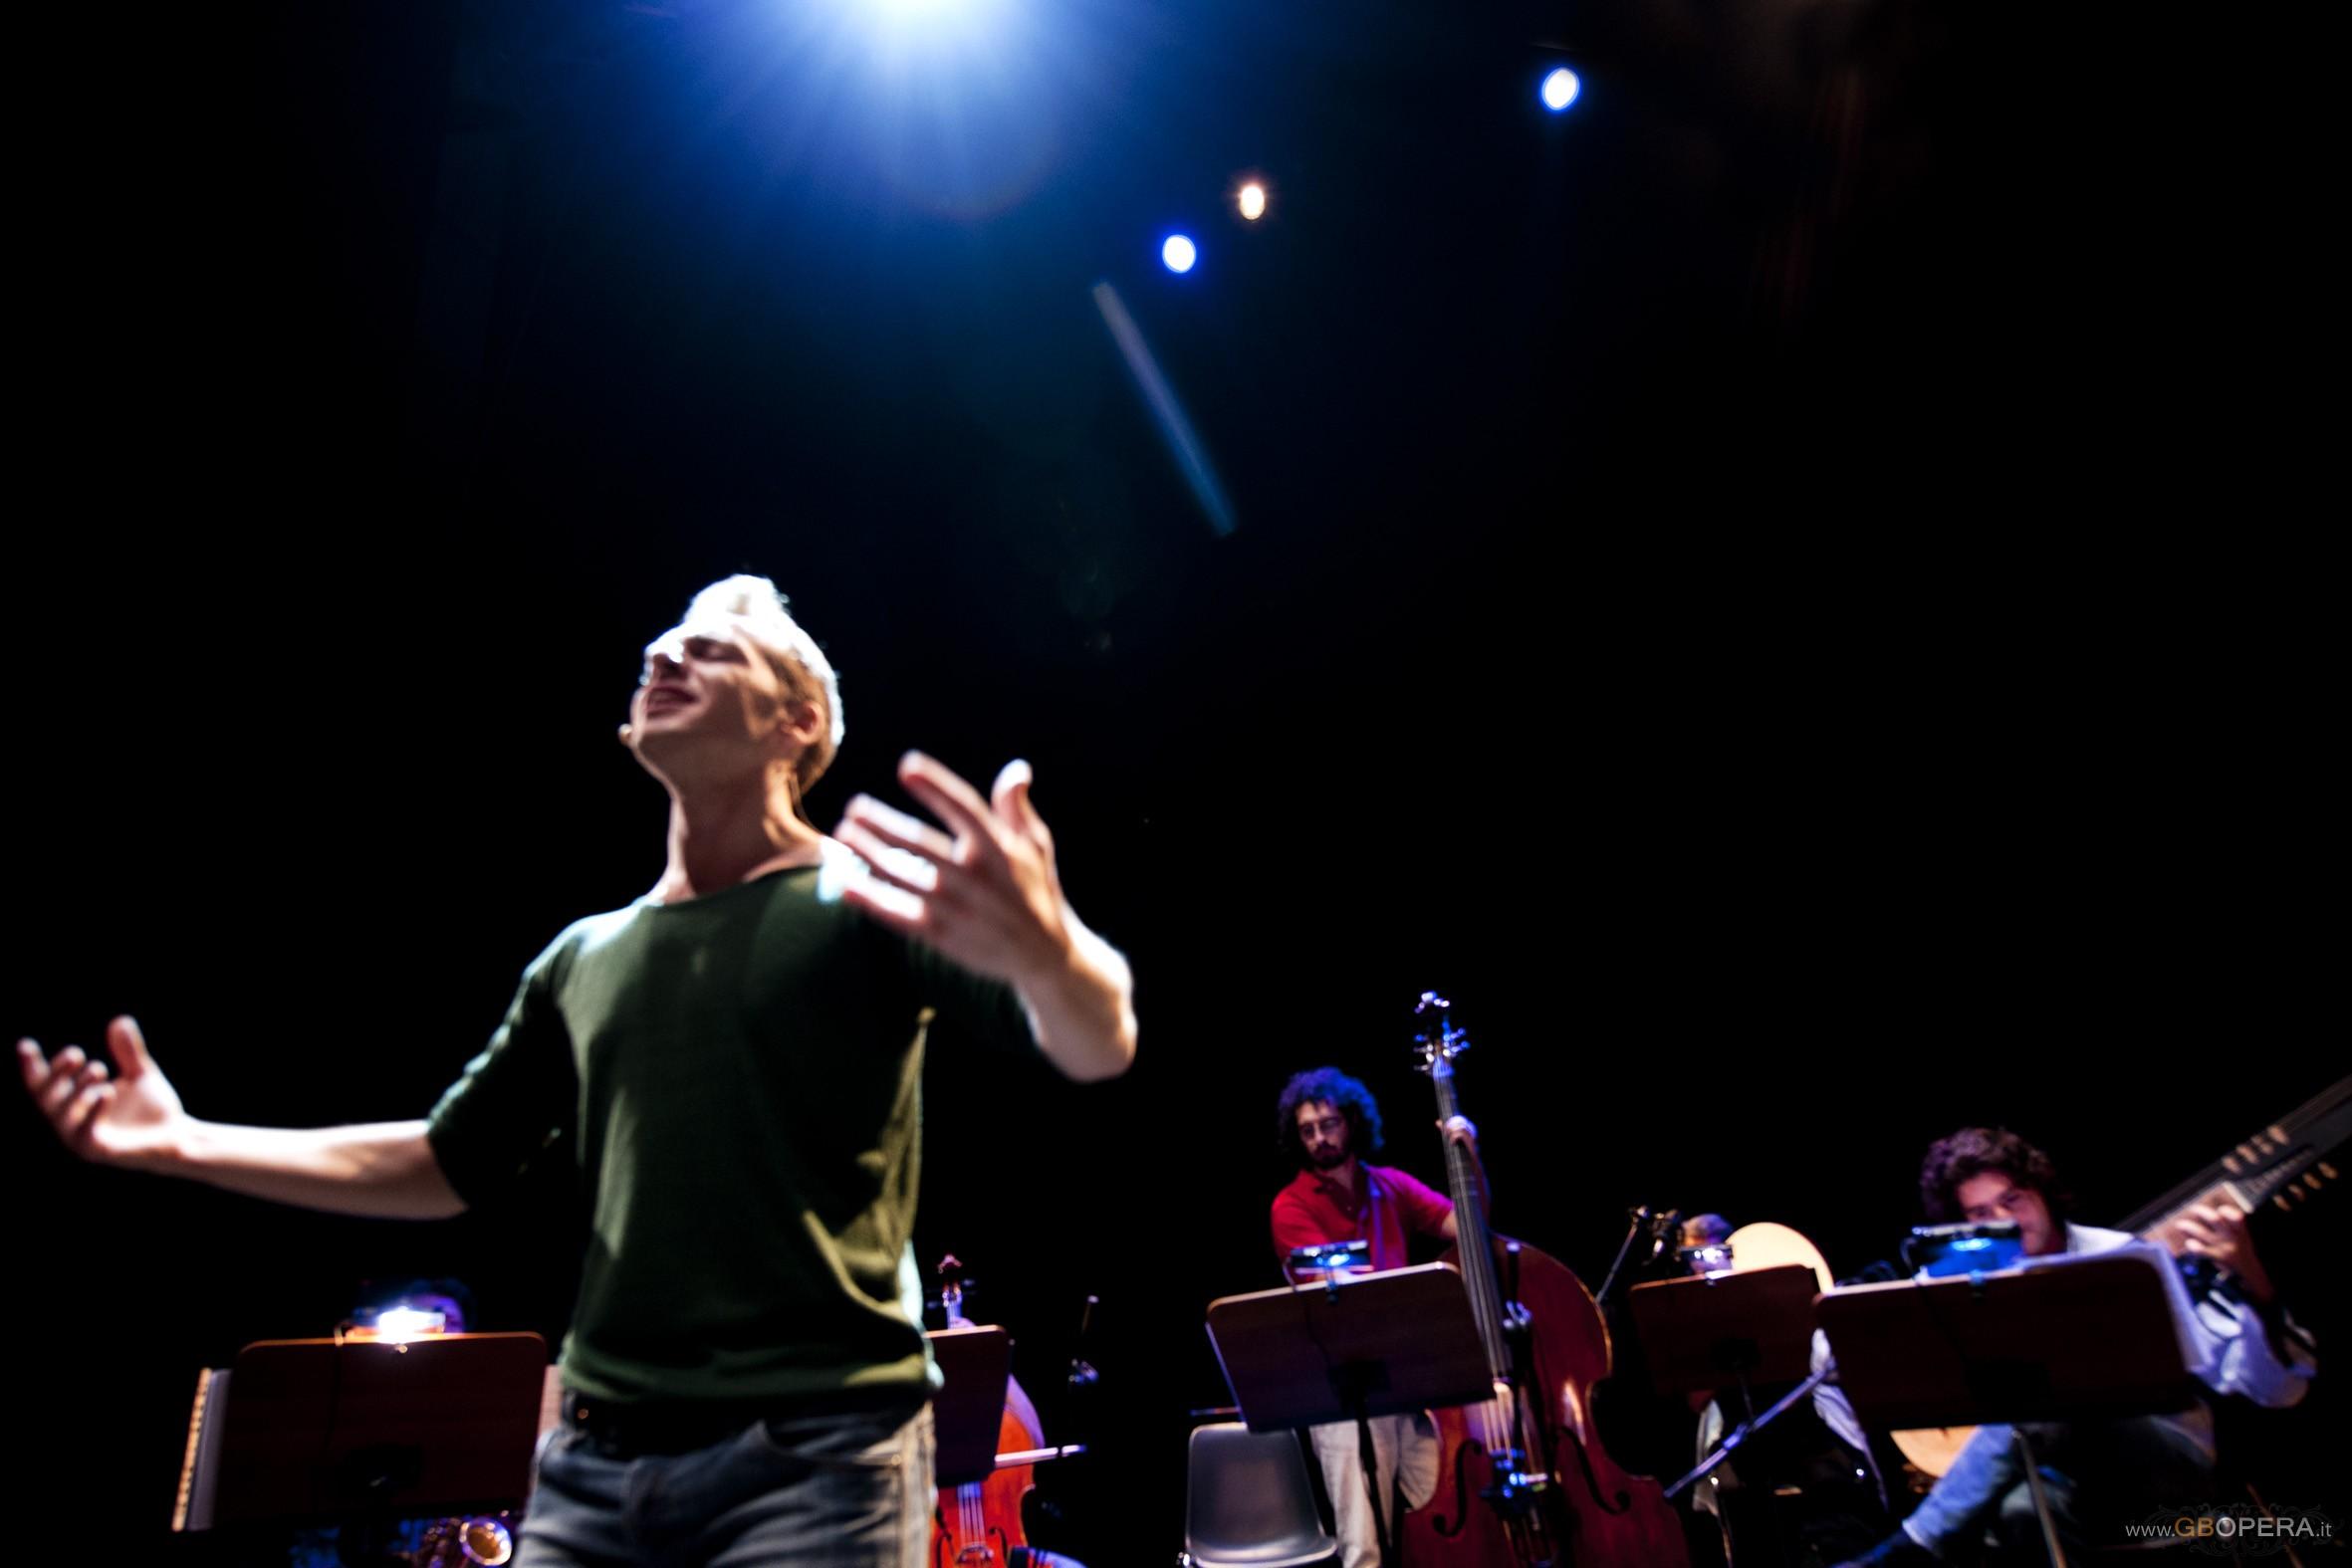 Teatro Verdi di Salerno:XI Gala Internazionale di Danza, Musica e Teatro